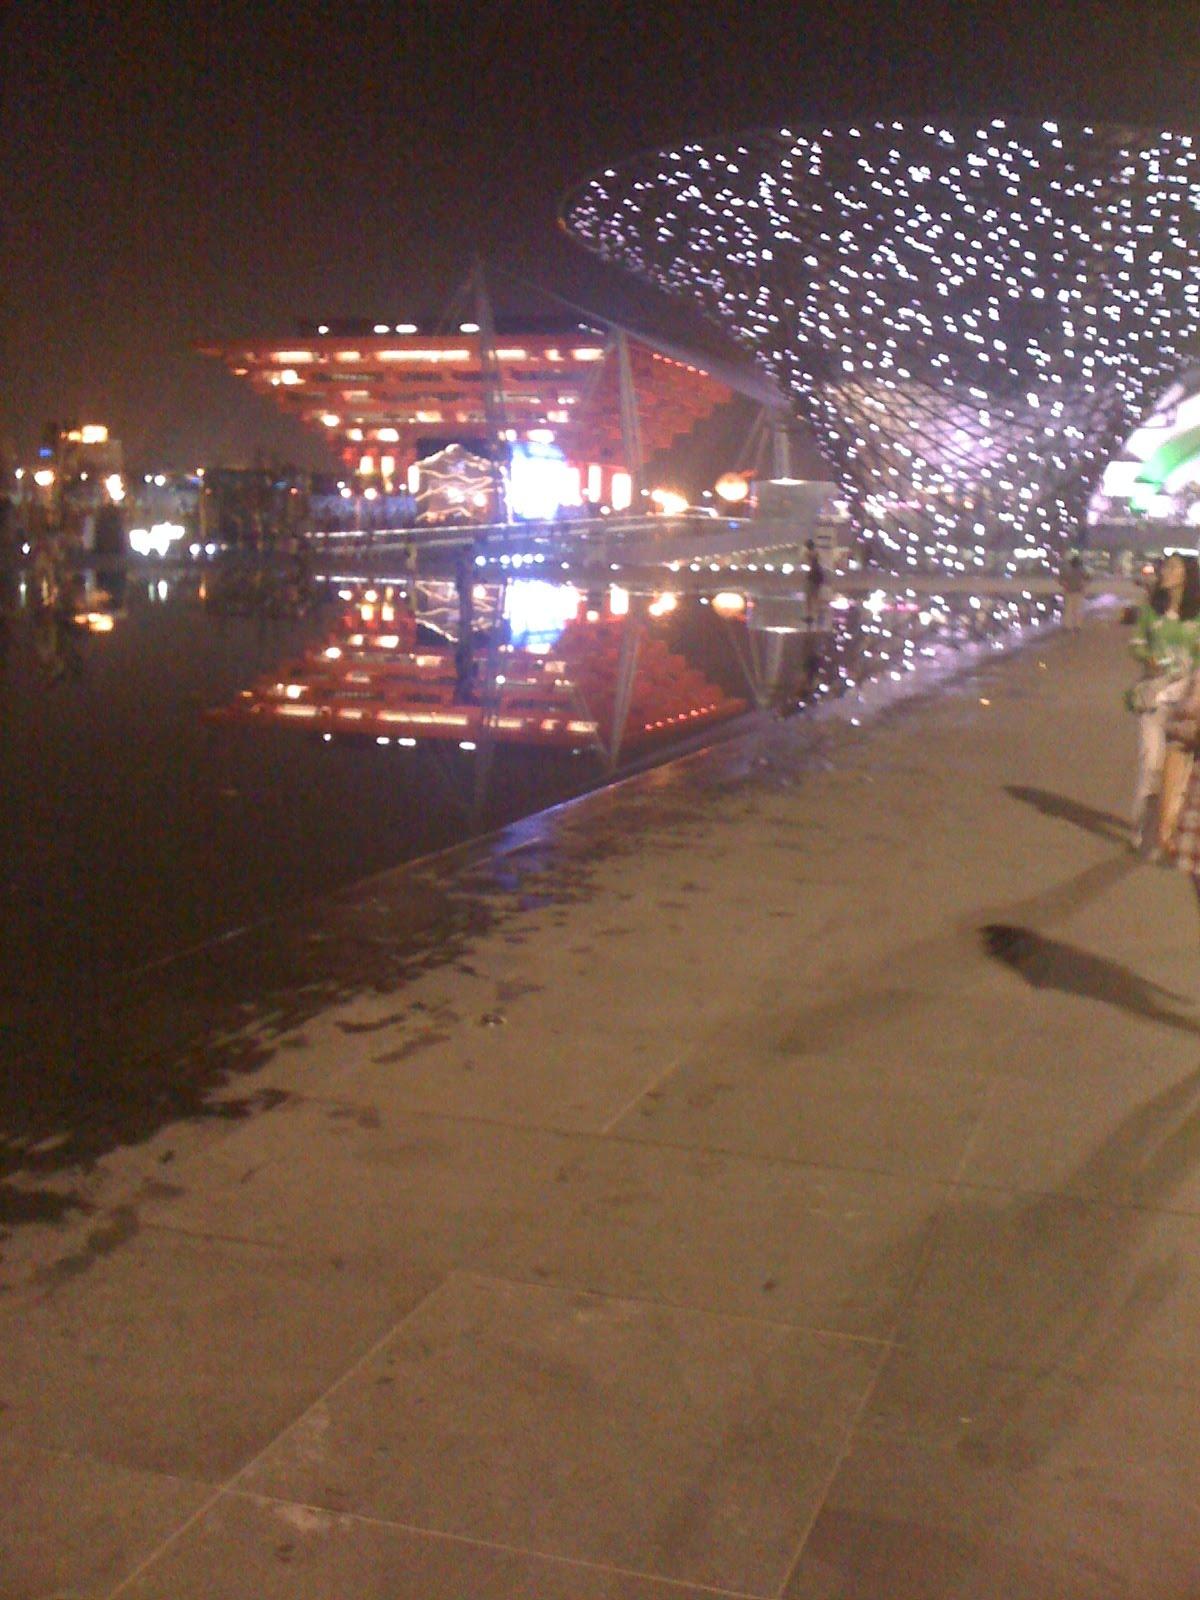 Tscheina-Man in China: 2010